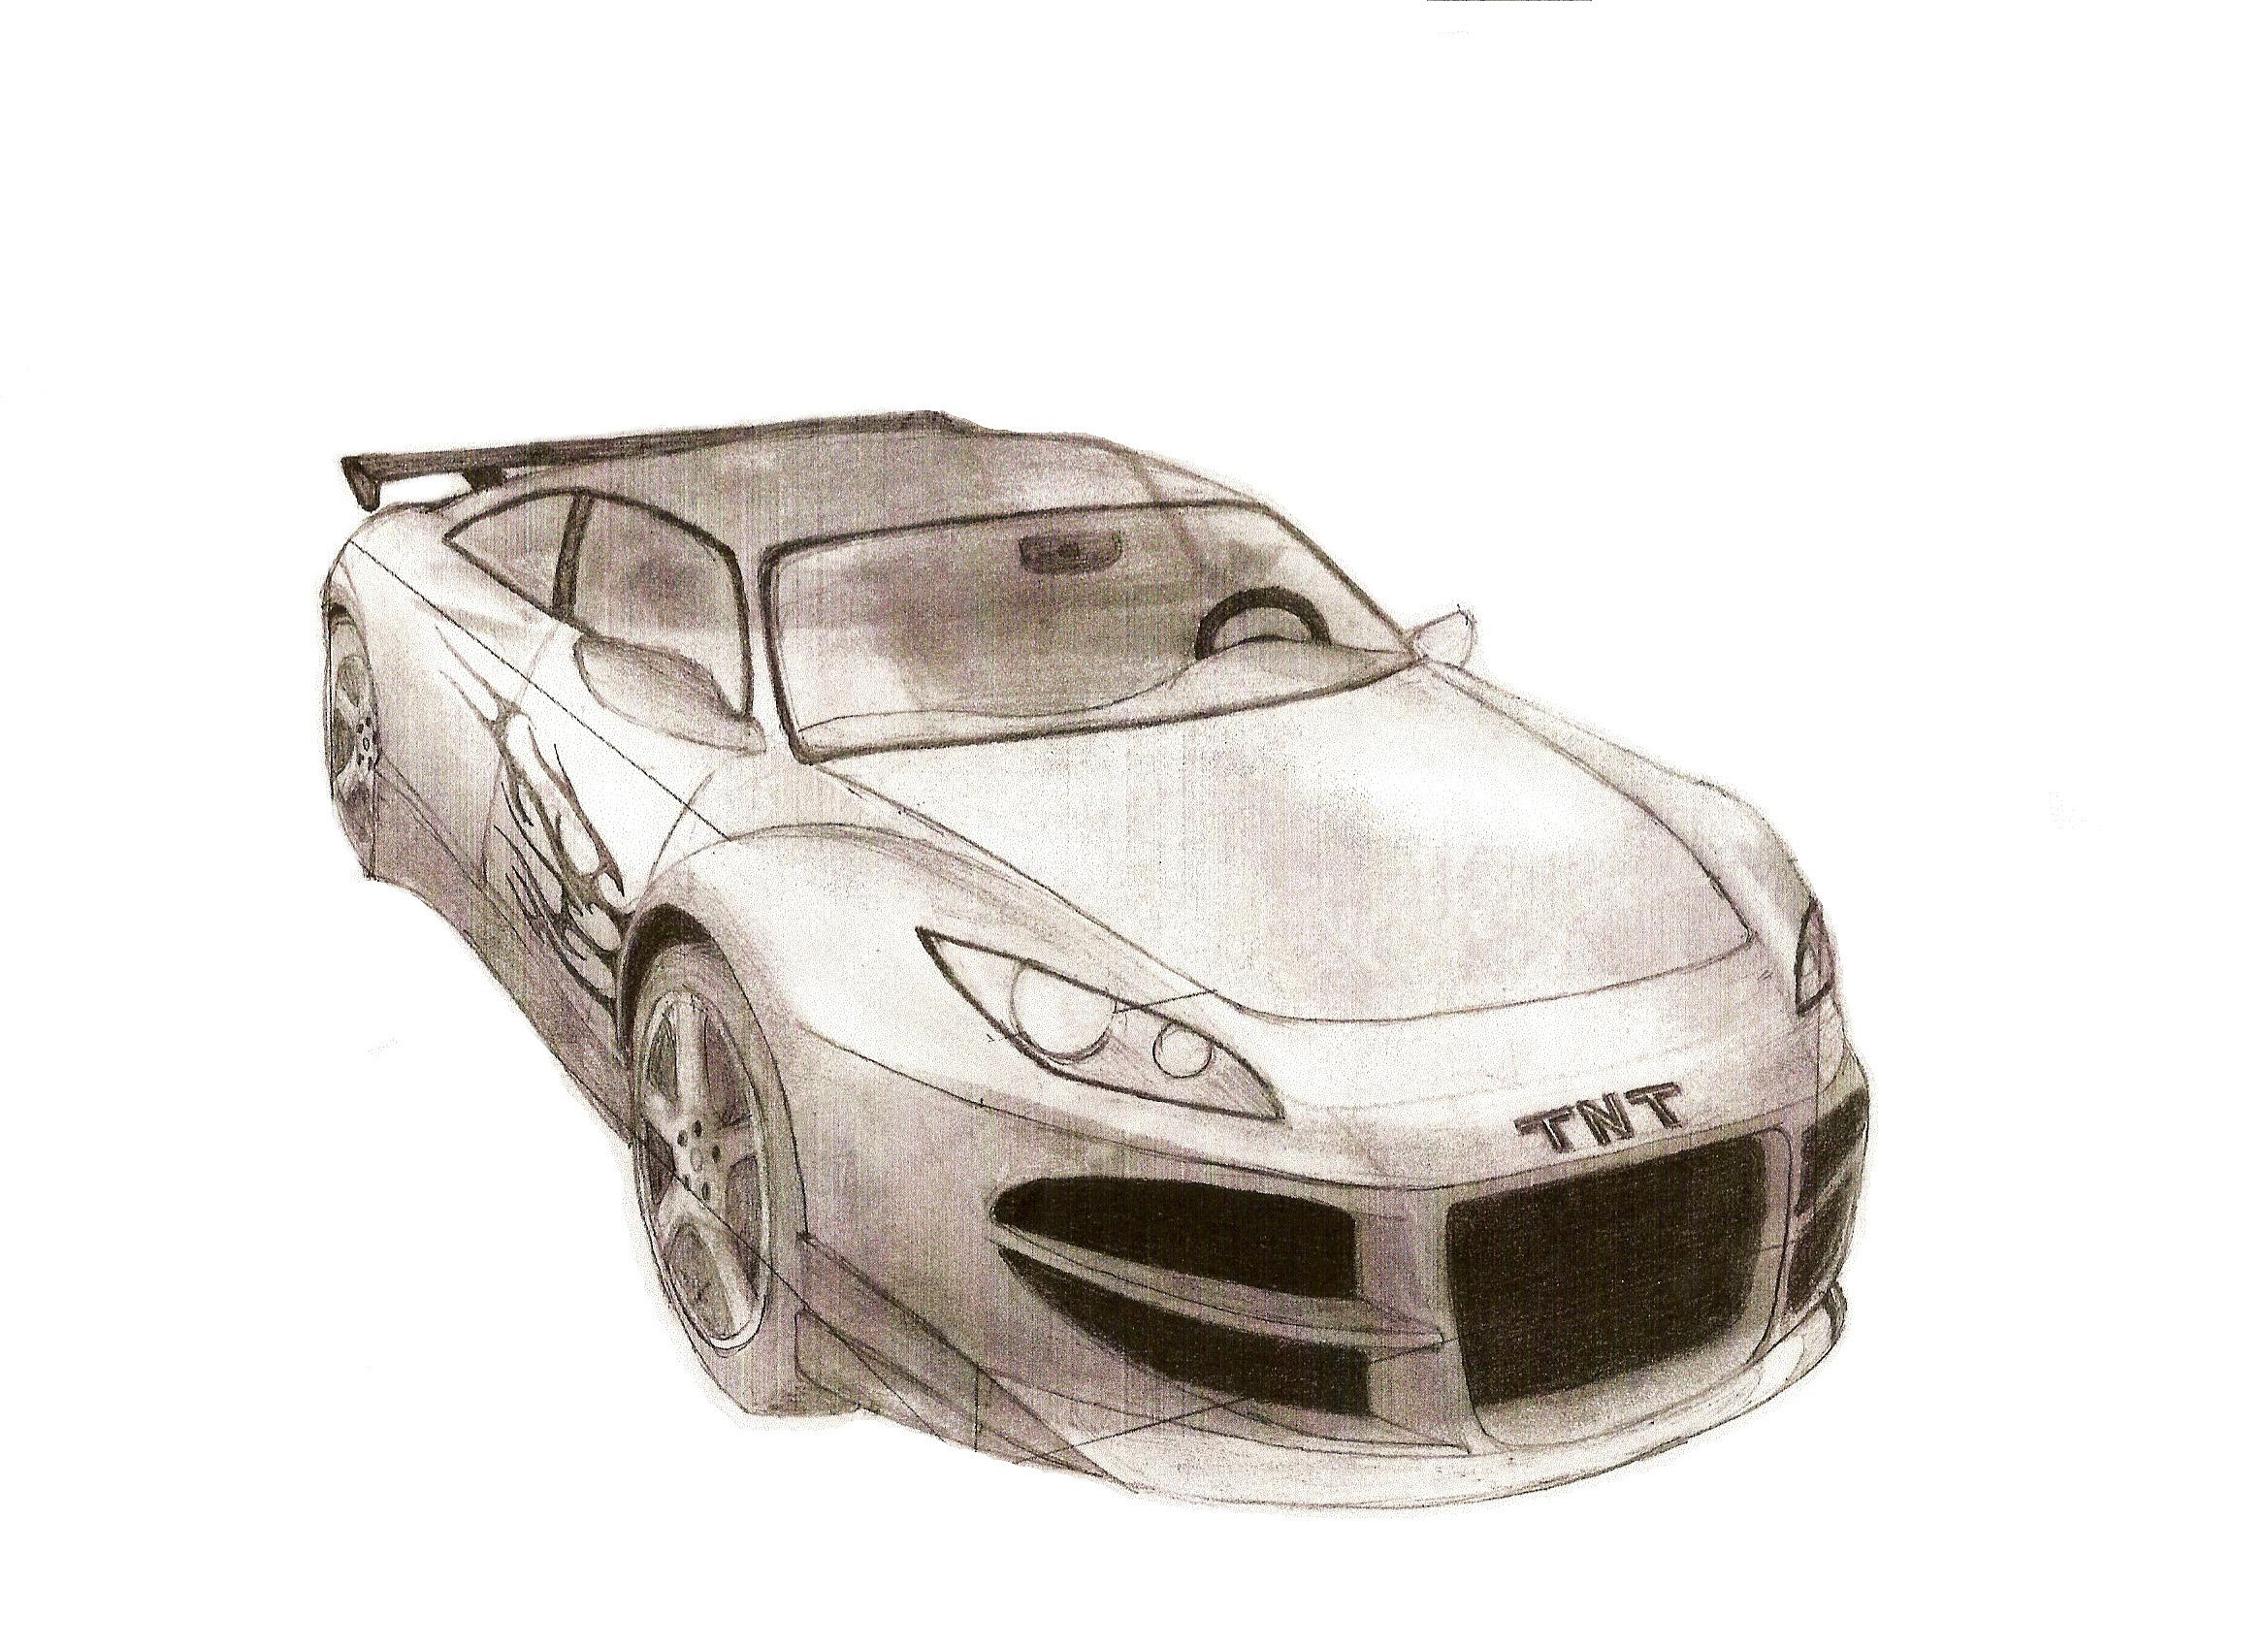 Archive du blog voila le croquis une voiture - Croquis voiture ...